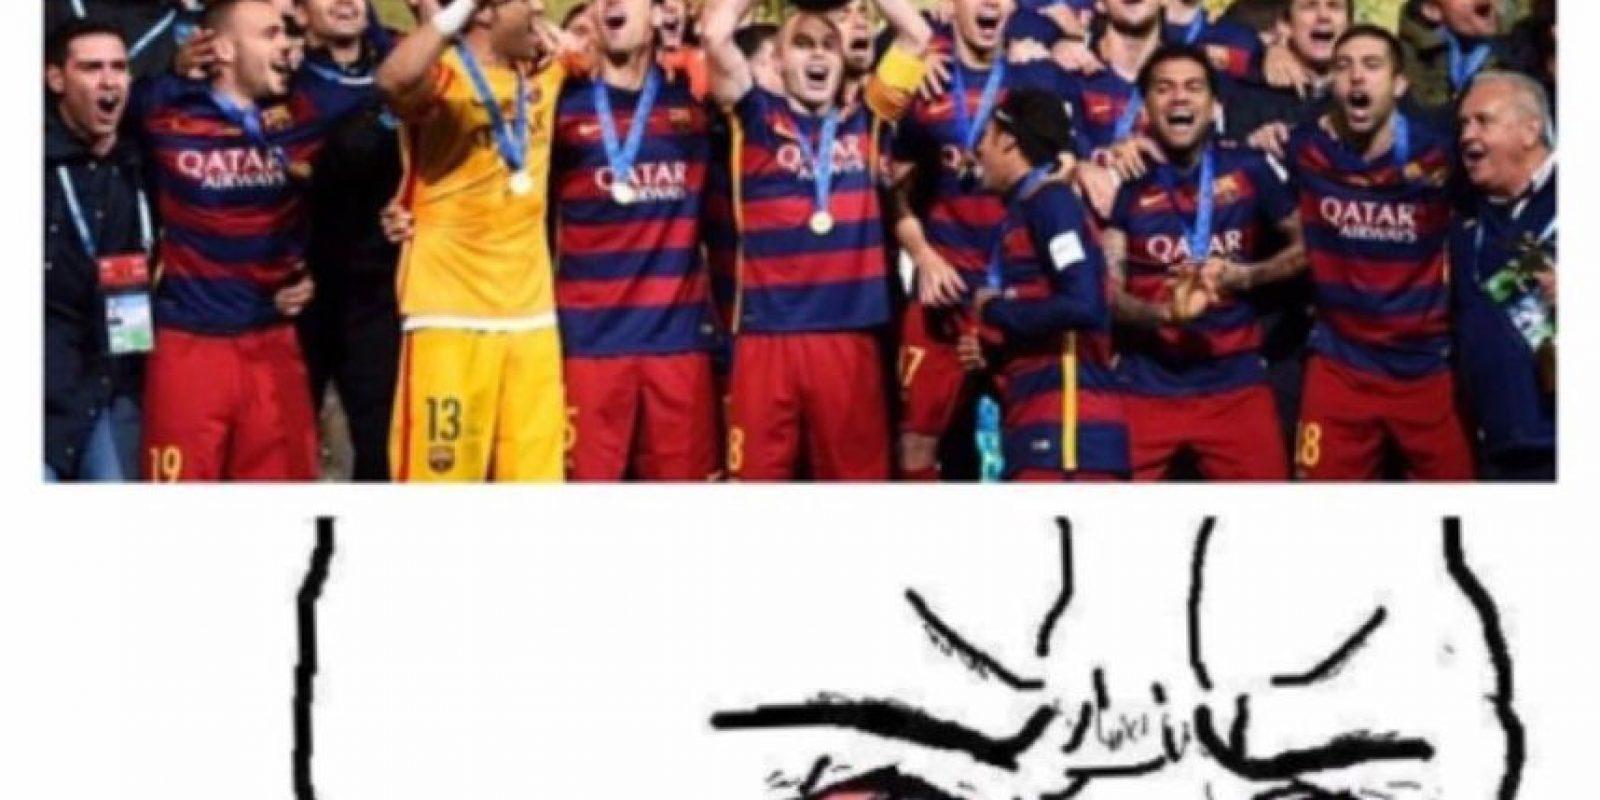 Foto:Fútbol Bullying. Imagen Por: